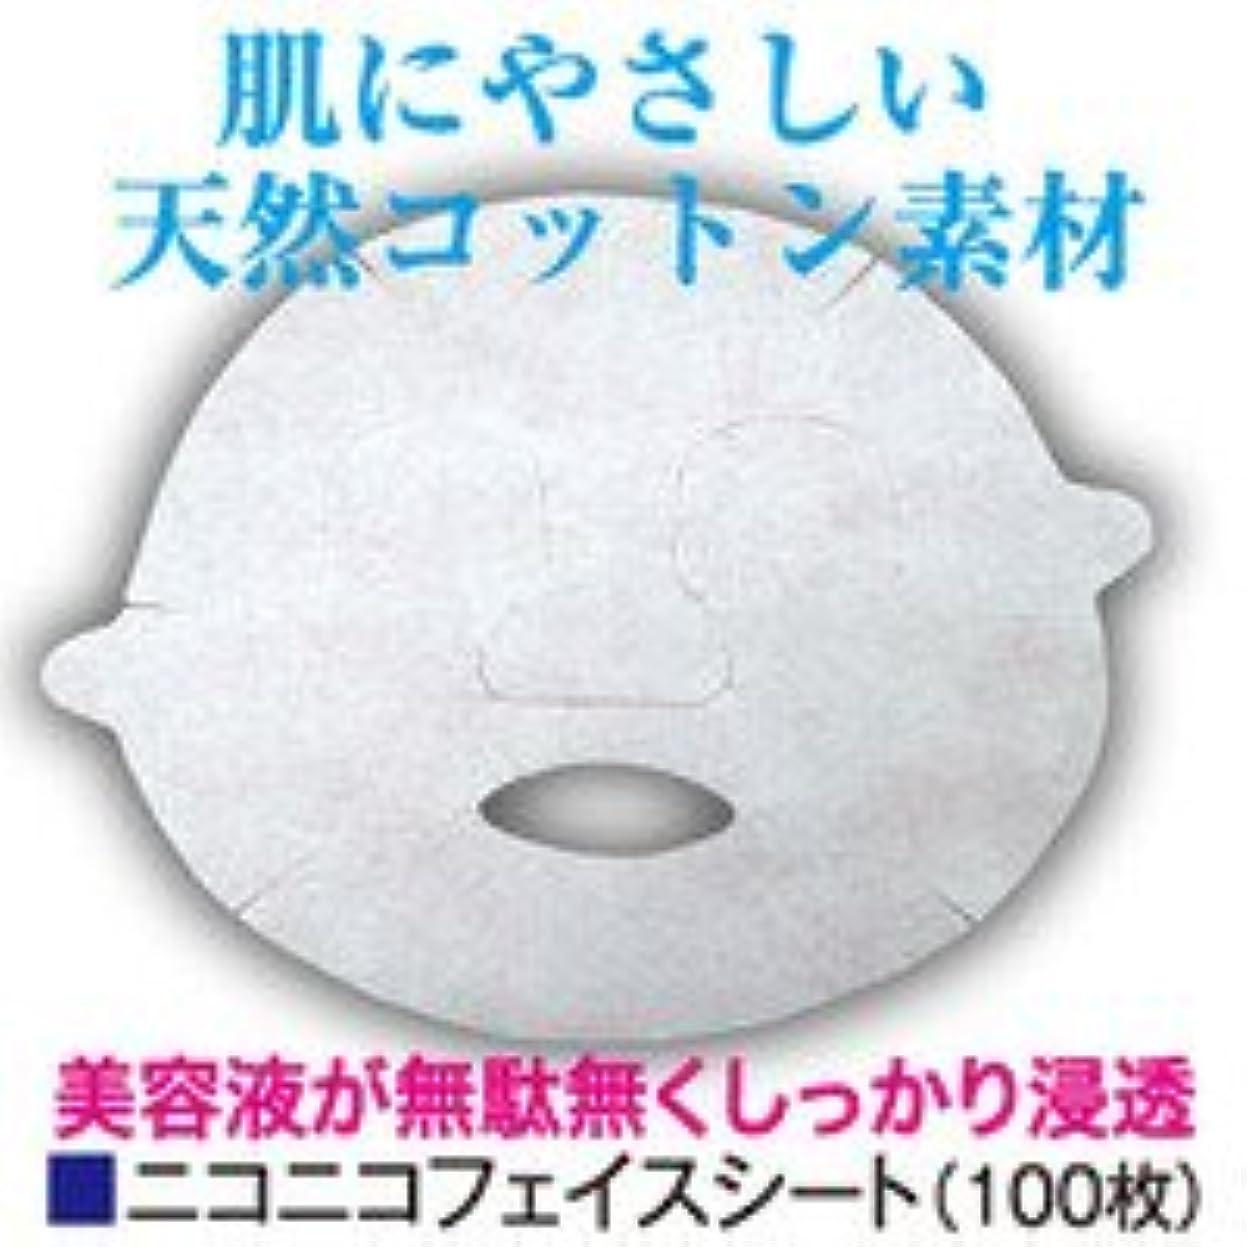 規範贅沢な朝食を食べるフェイスシート 【ニコニコフェイスシート】 100枚